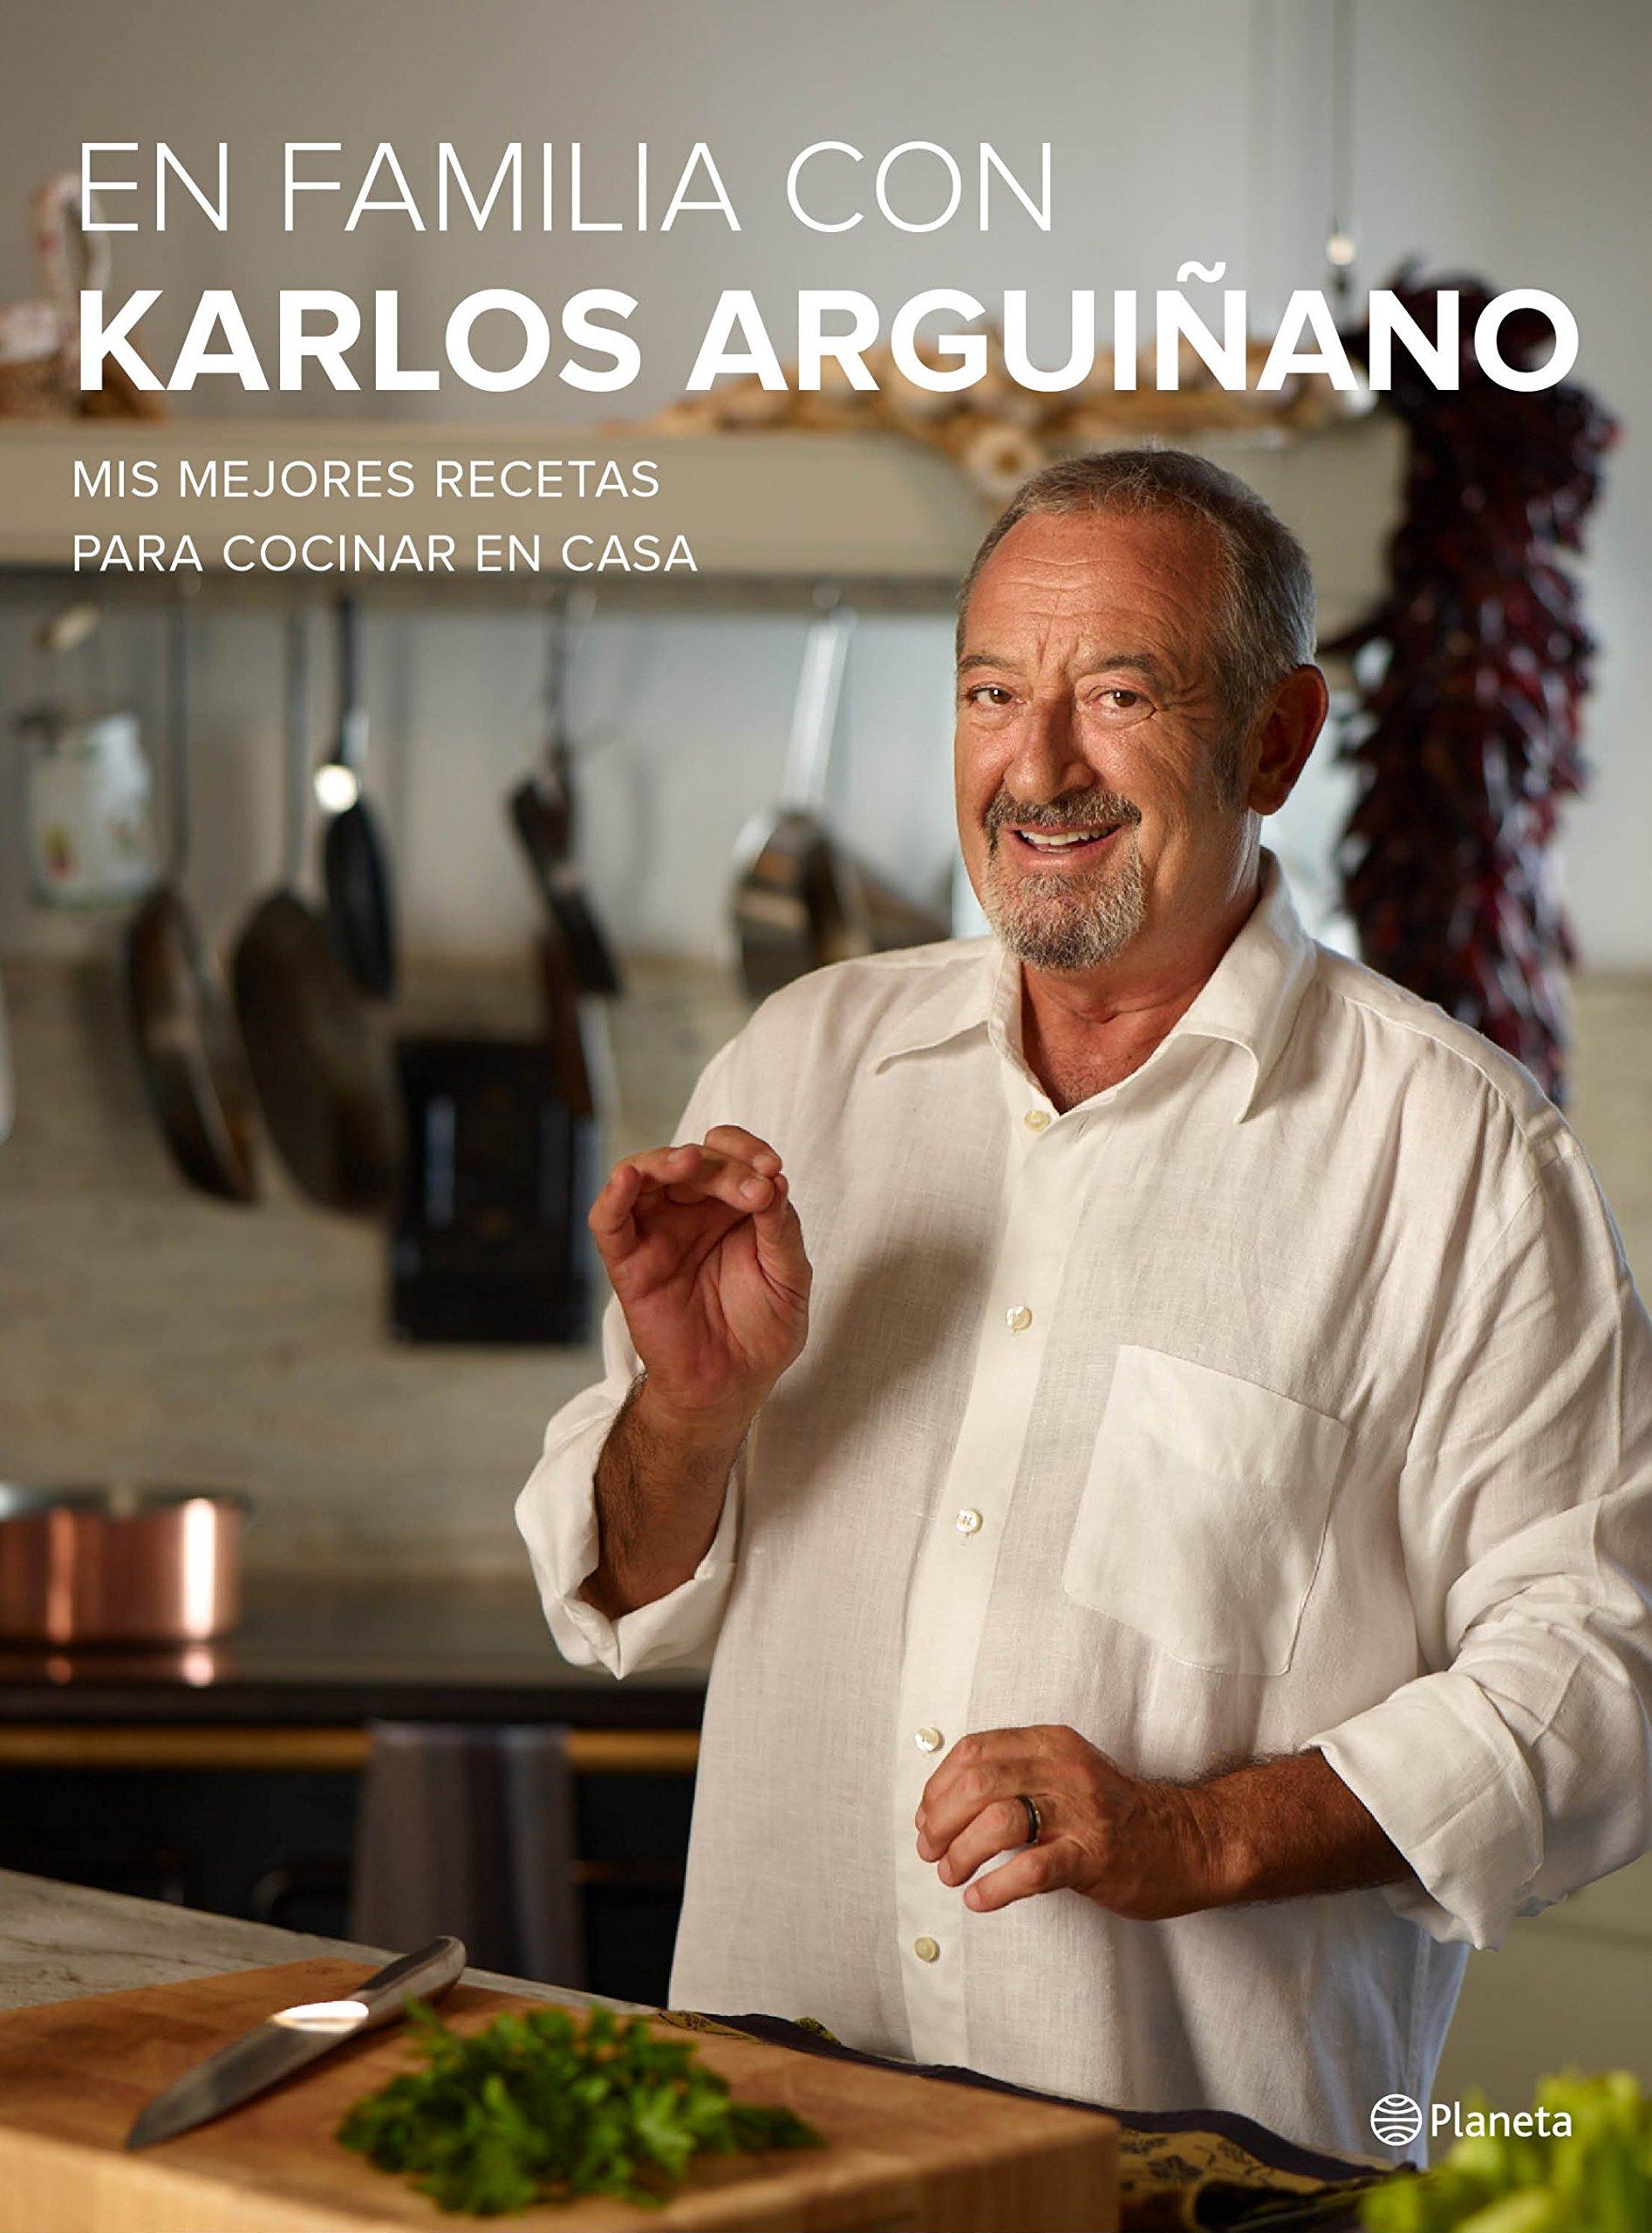 En familia con Karlos Arguiñano: Mis mejores recetas para cocinar ...